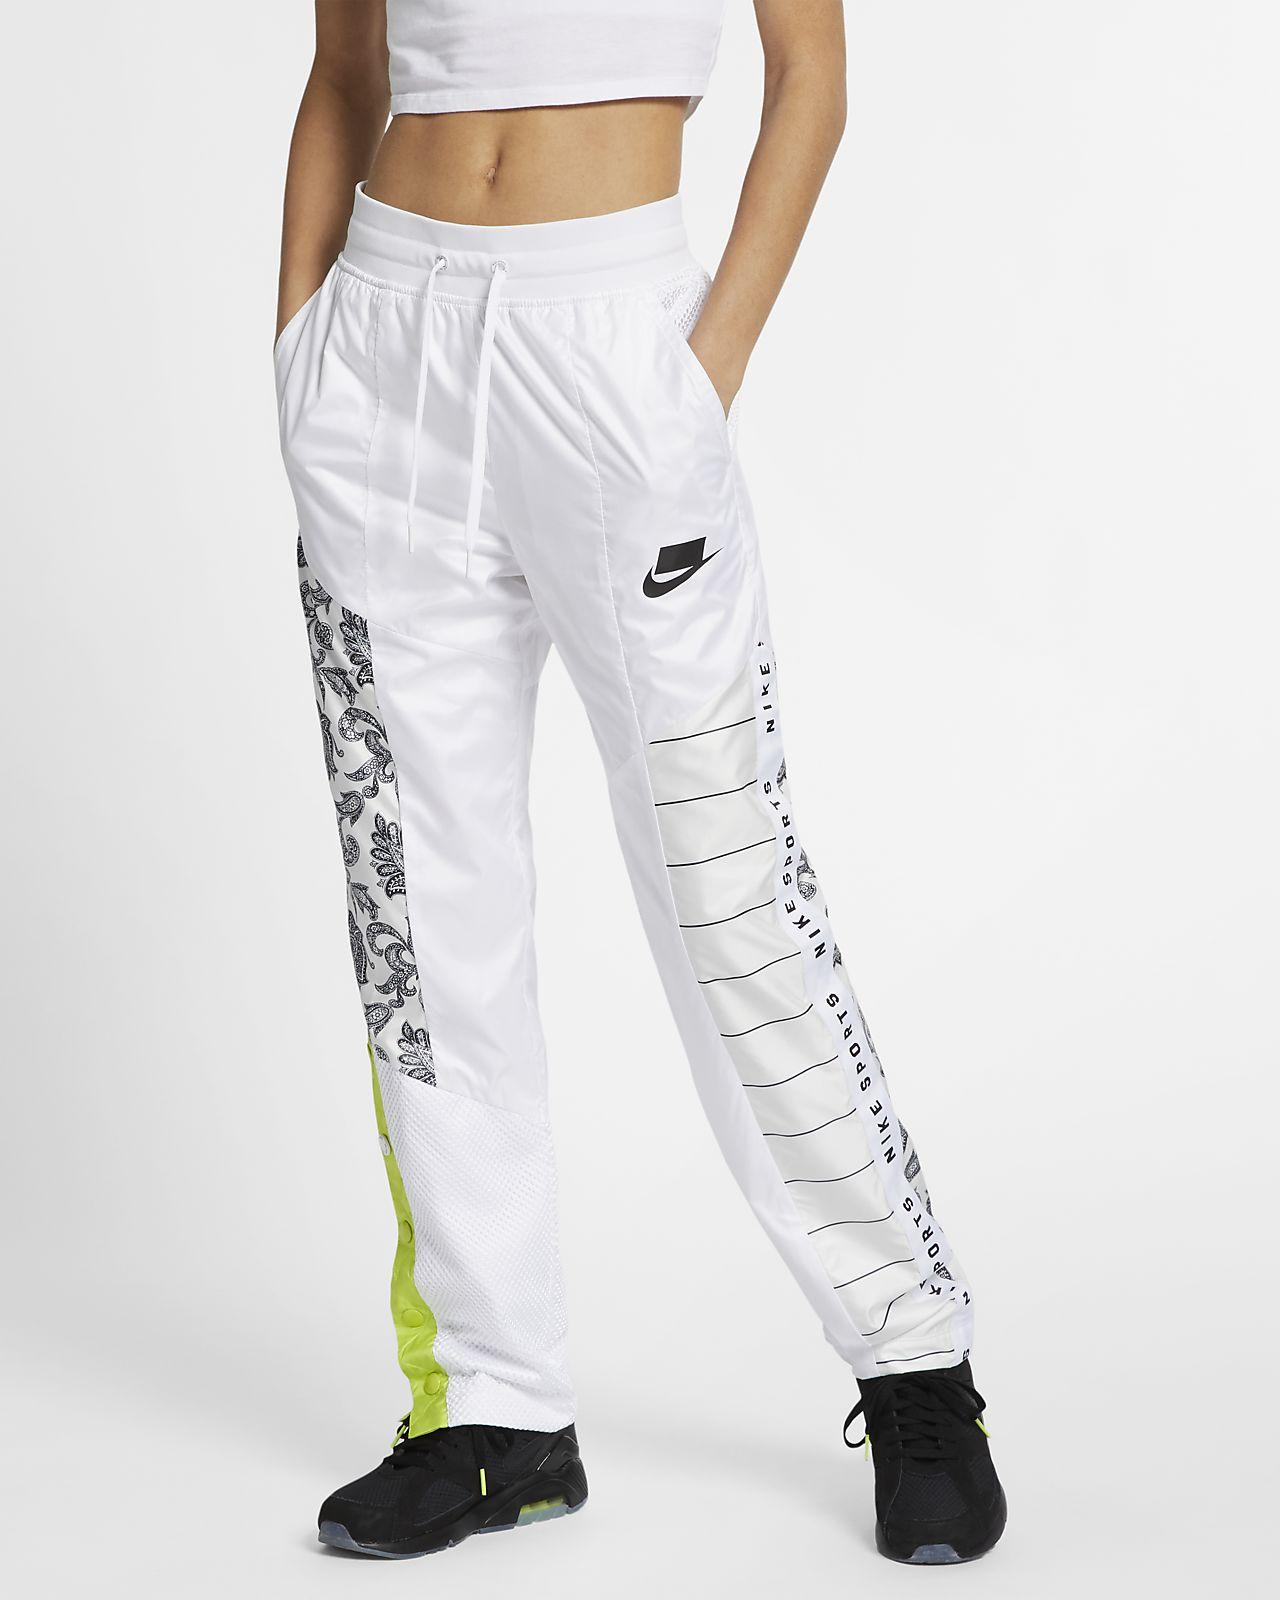 Dámské tkaninové atletické kalhoty Nike Sportswear NSW